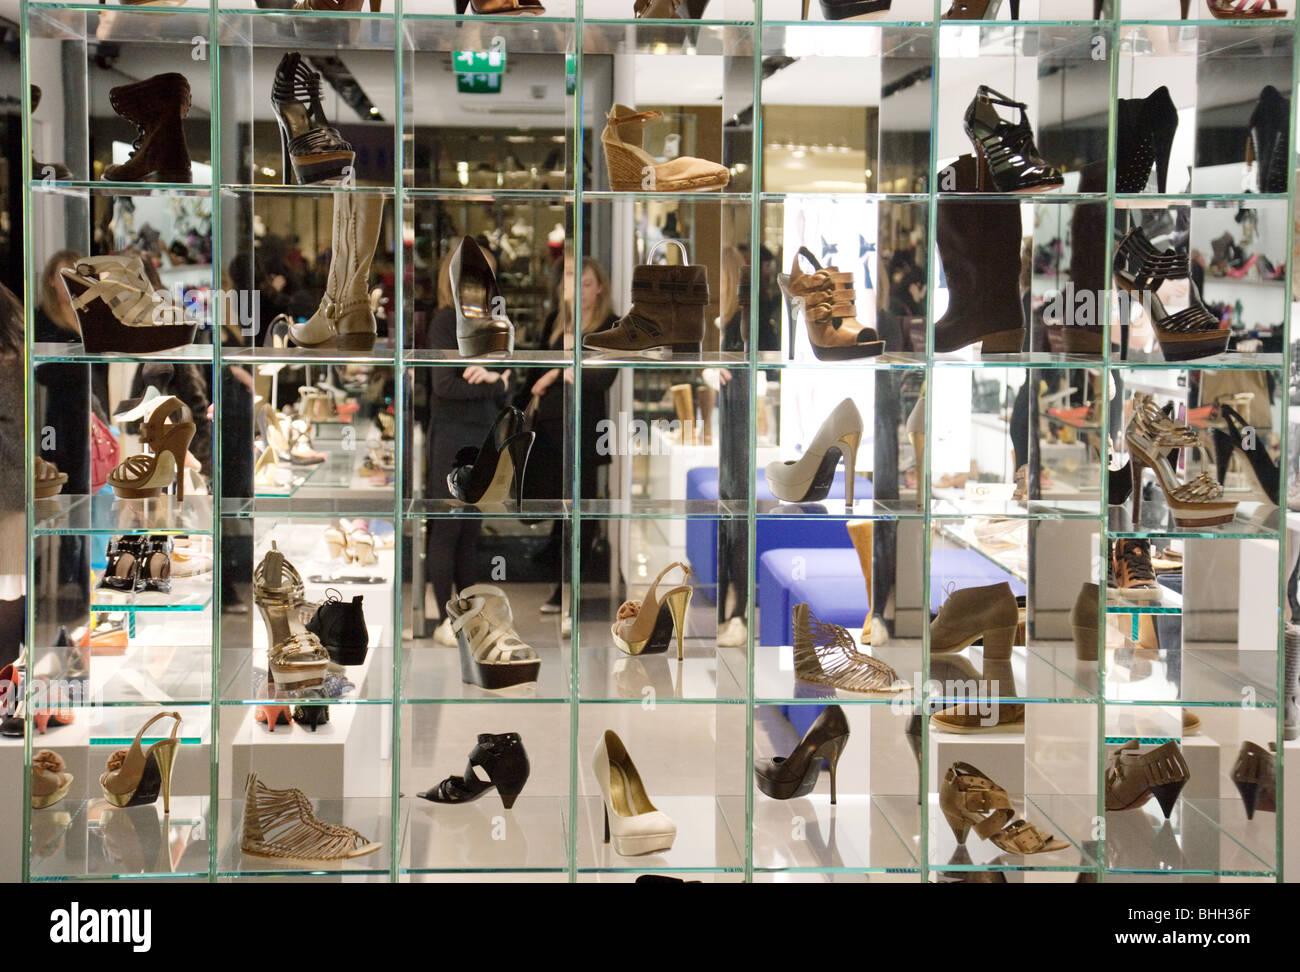 c4e64242884 Shoe Shop Shoes Display Imágenes De Stock & Shoe Shop Shoes Display ...